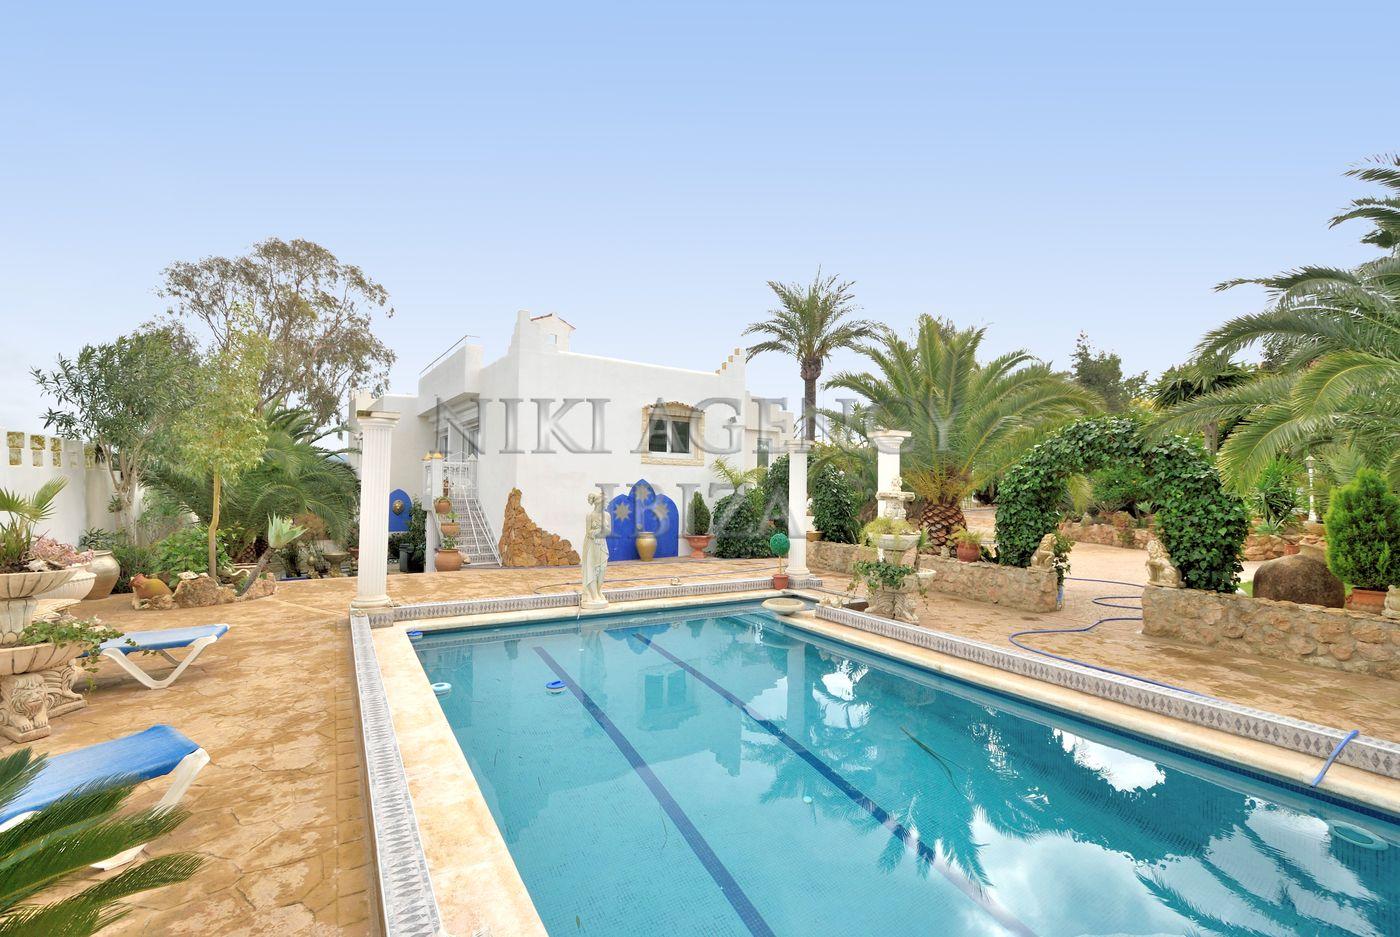 Villa in San Augustín-Ibiza with 4 bedrooms-CVE03231